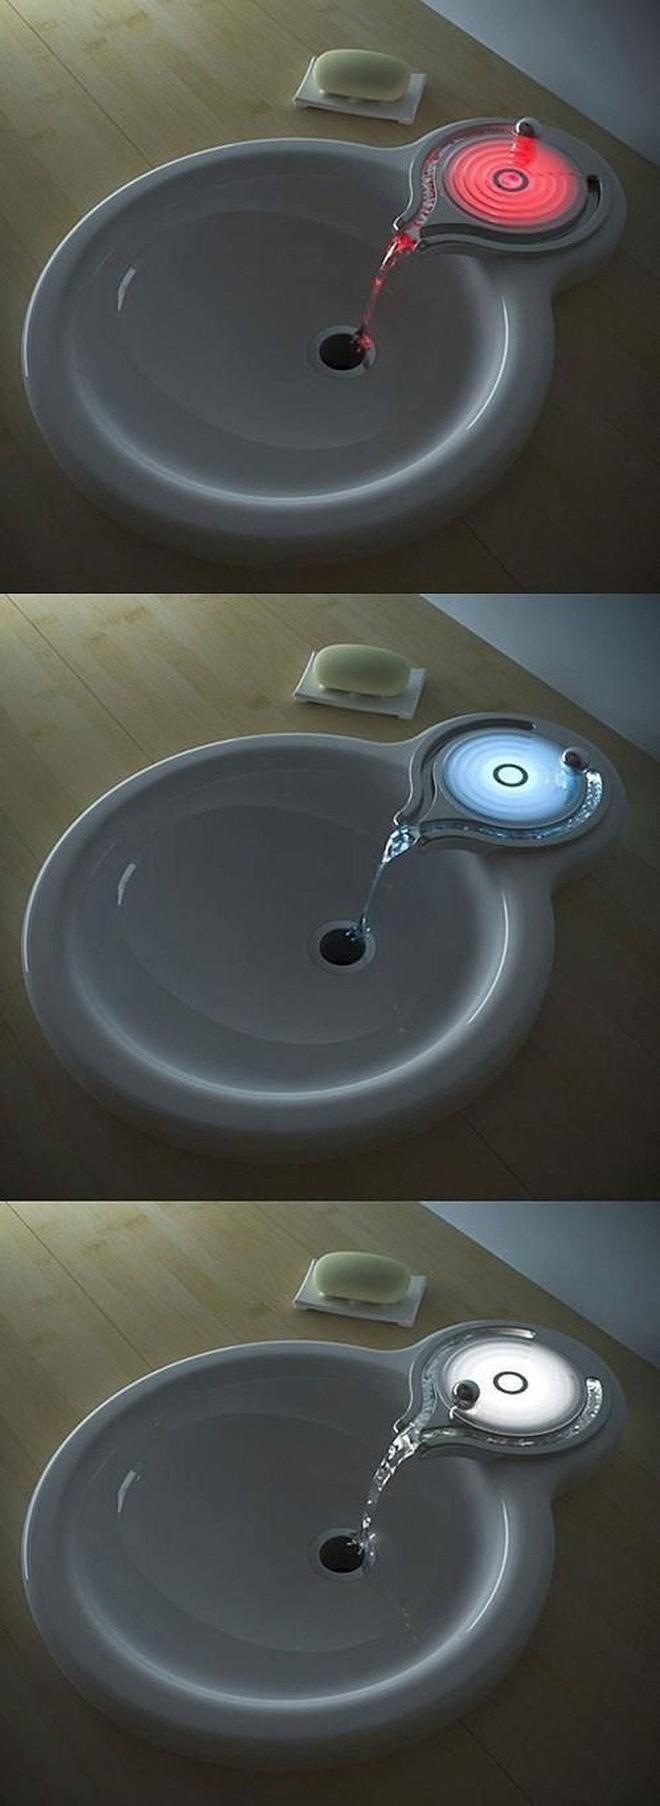 20 phát minh tuyệt vời có thể giúp giải quyết toàn bộ các vấn đề trong phòng tắm của bạn - Ảnh 12.